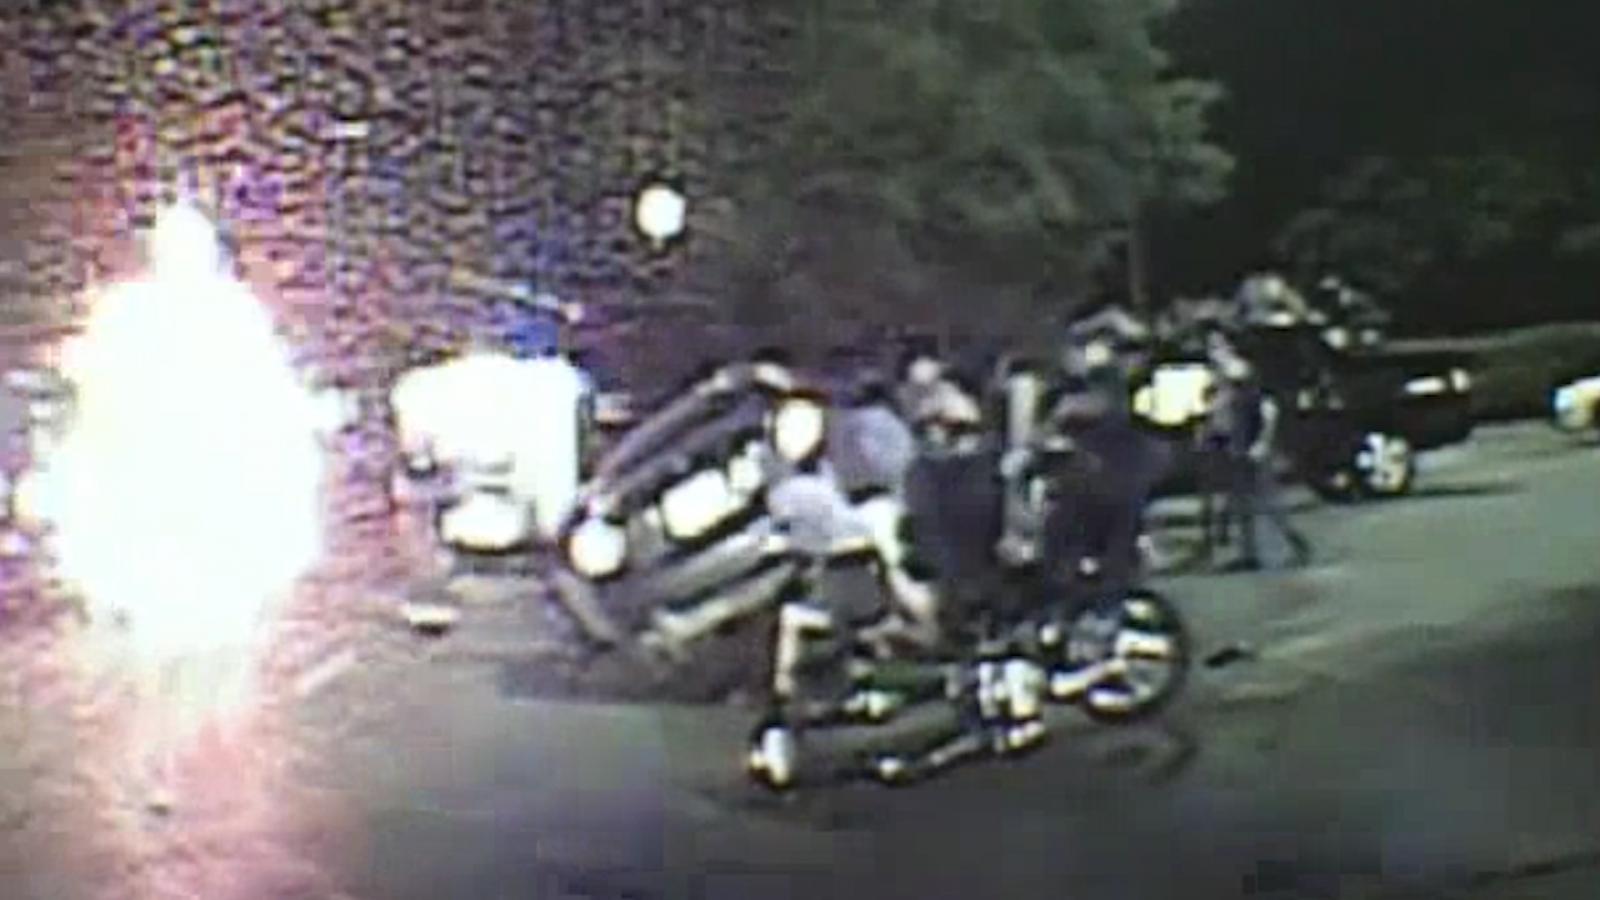 Dallas police lift car